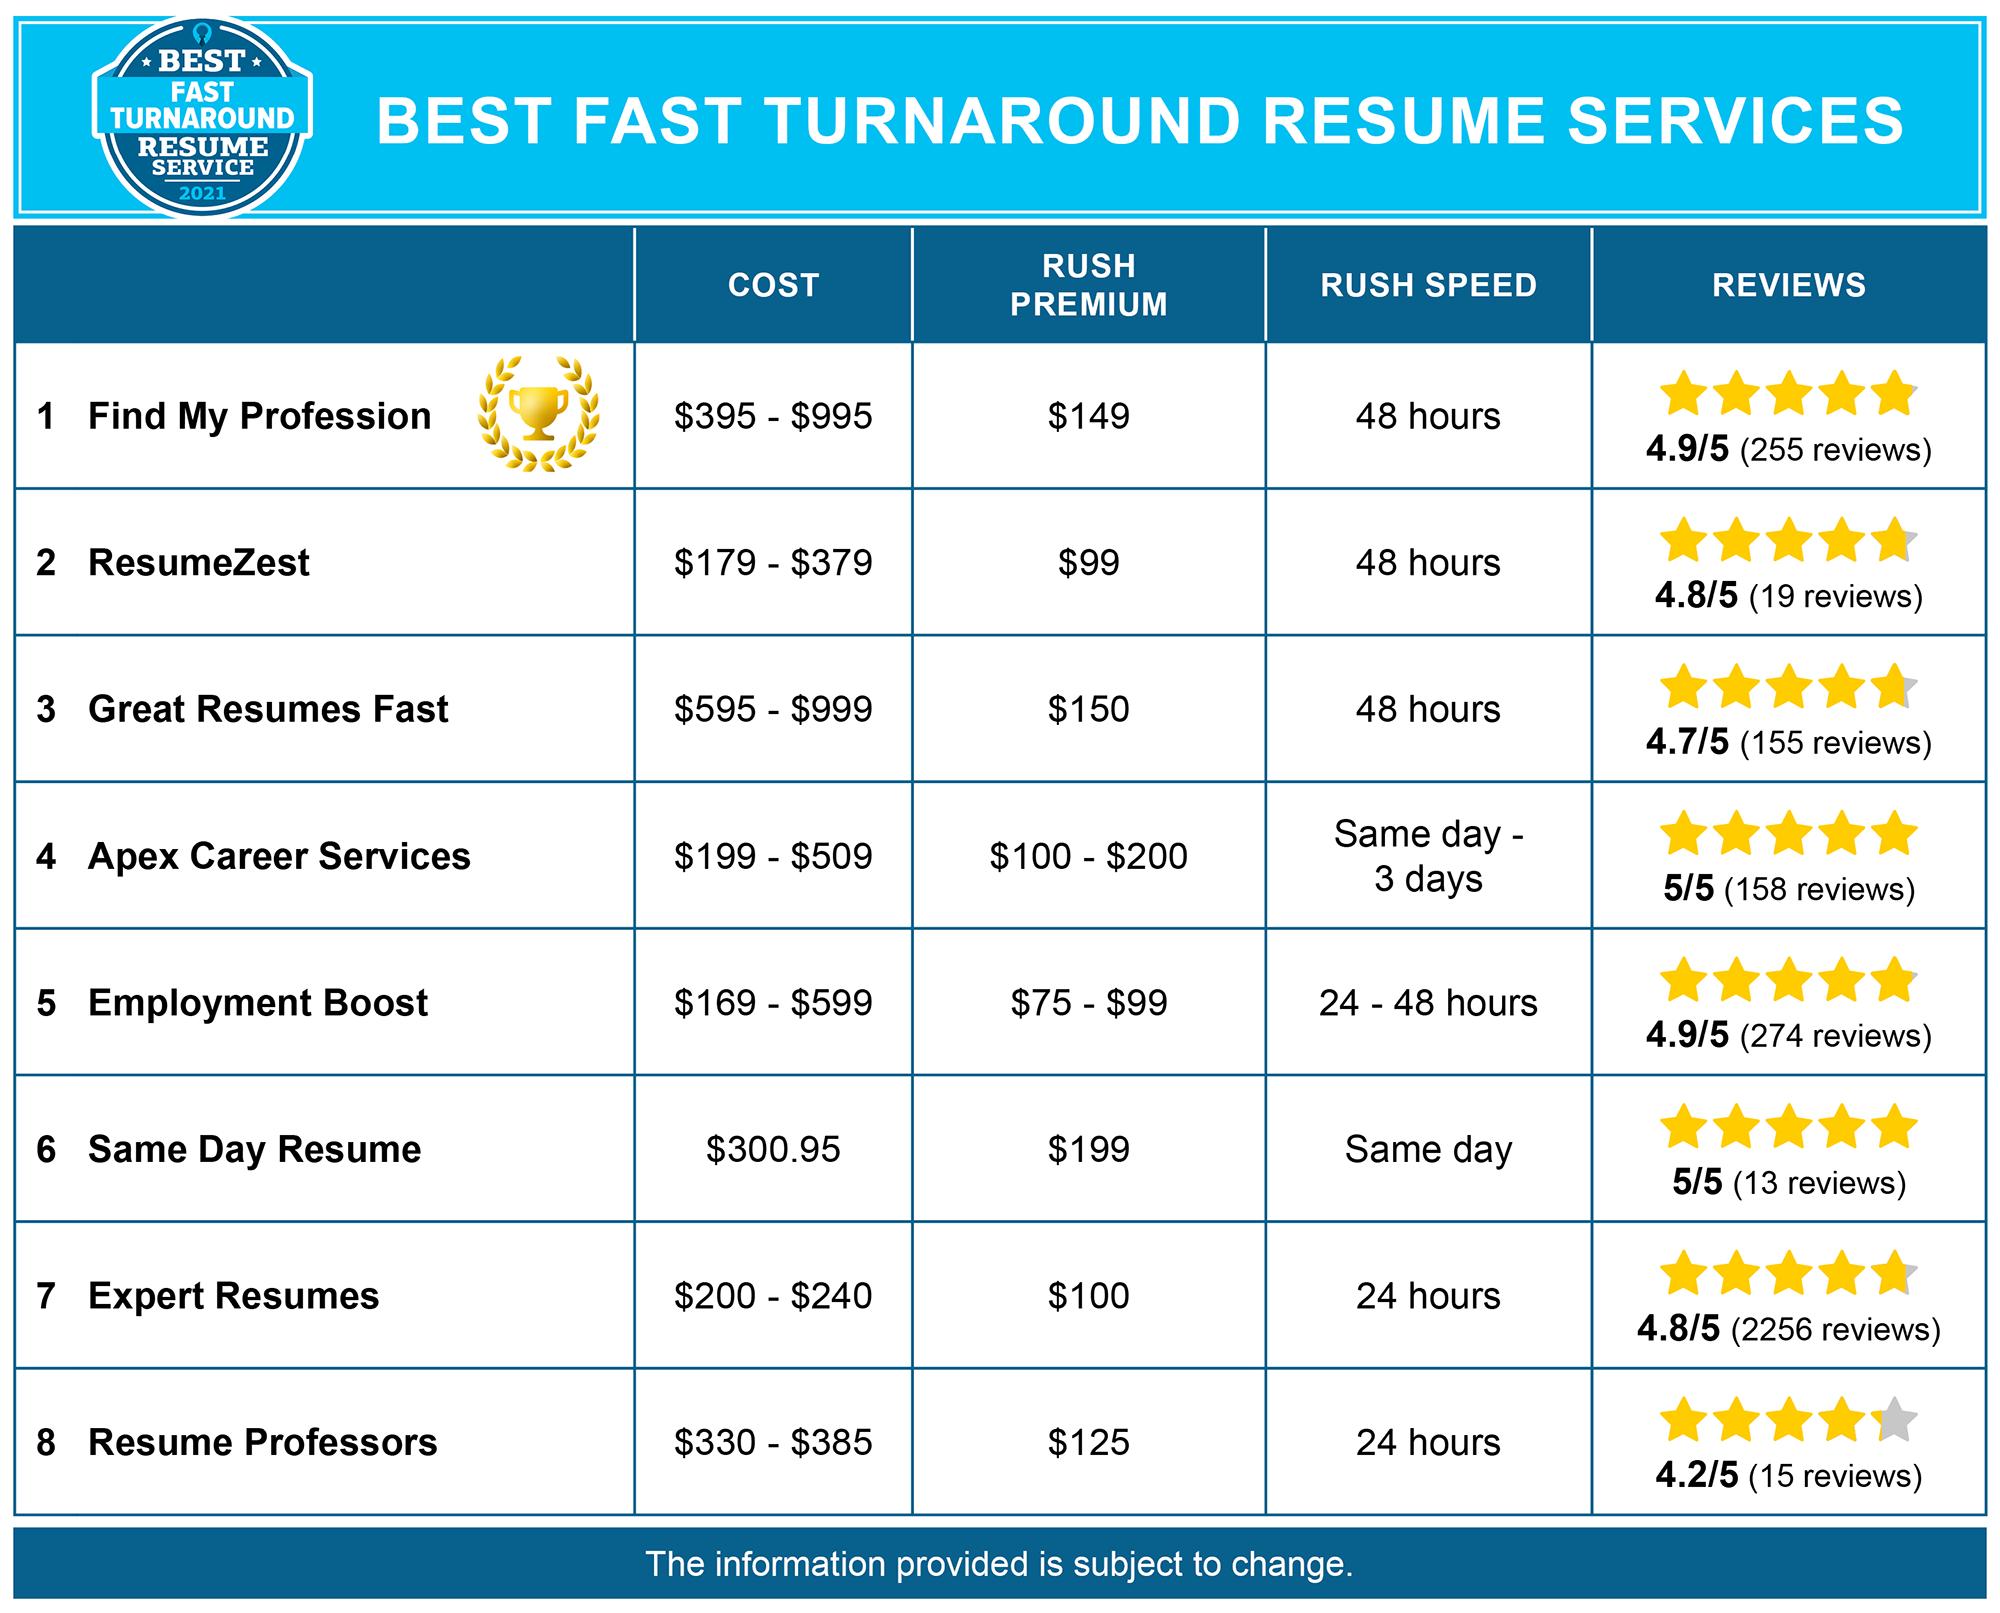 Best Fast Turnaround Resume Services